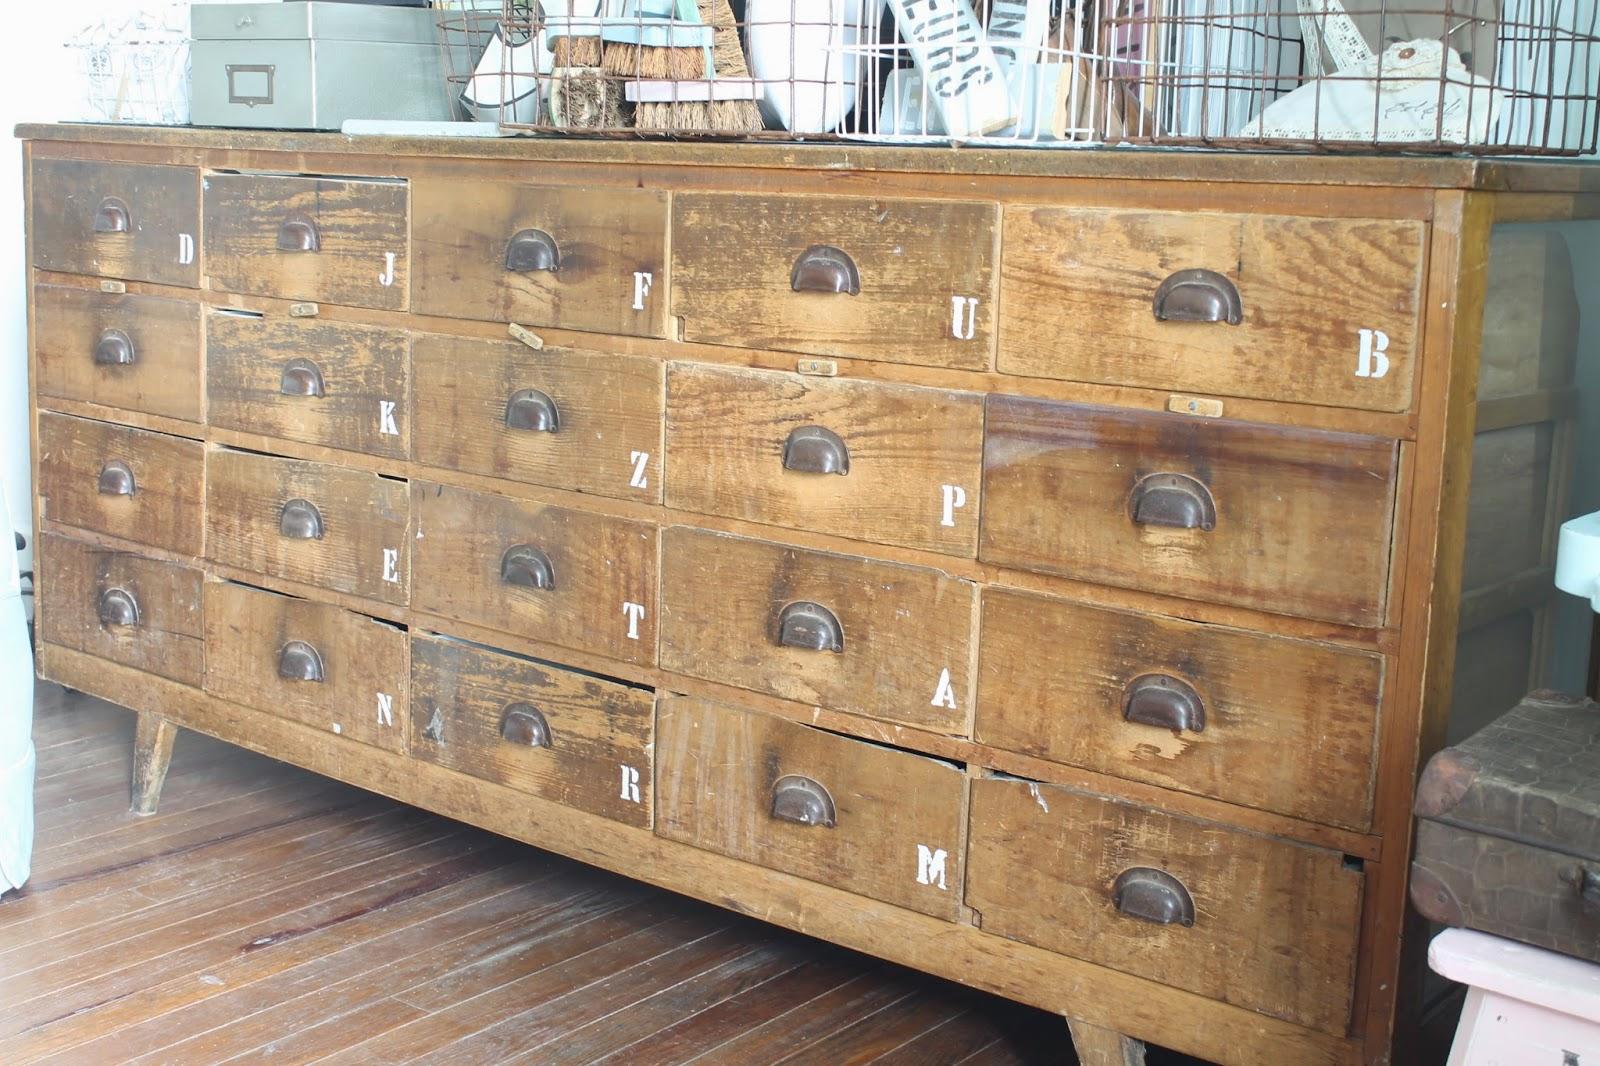 antiguo mueble de mercer a deco marce tienda